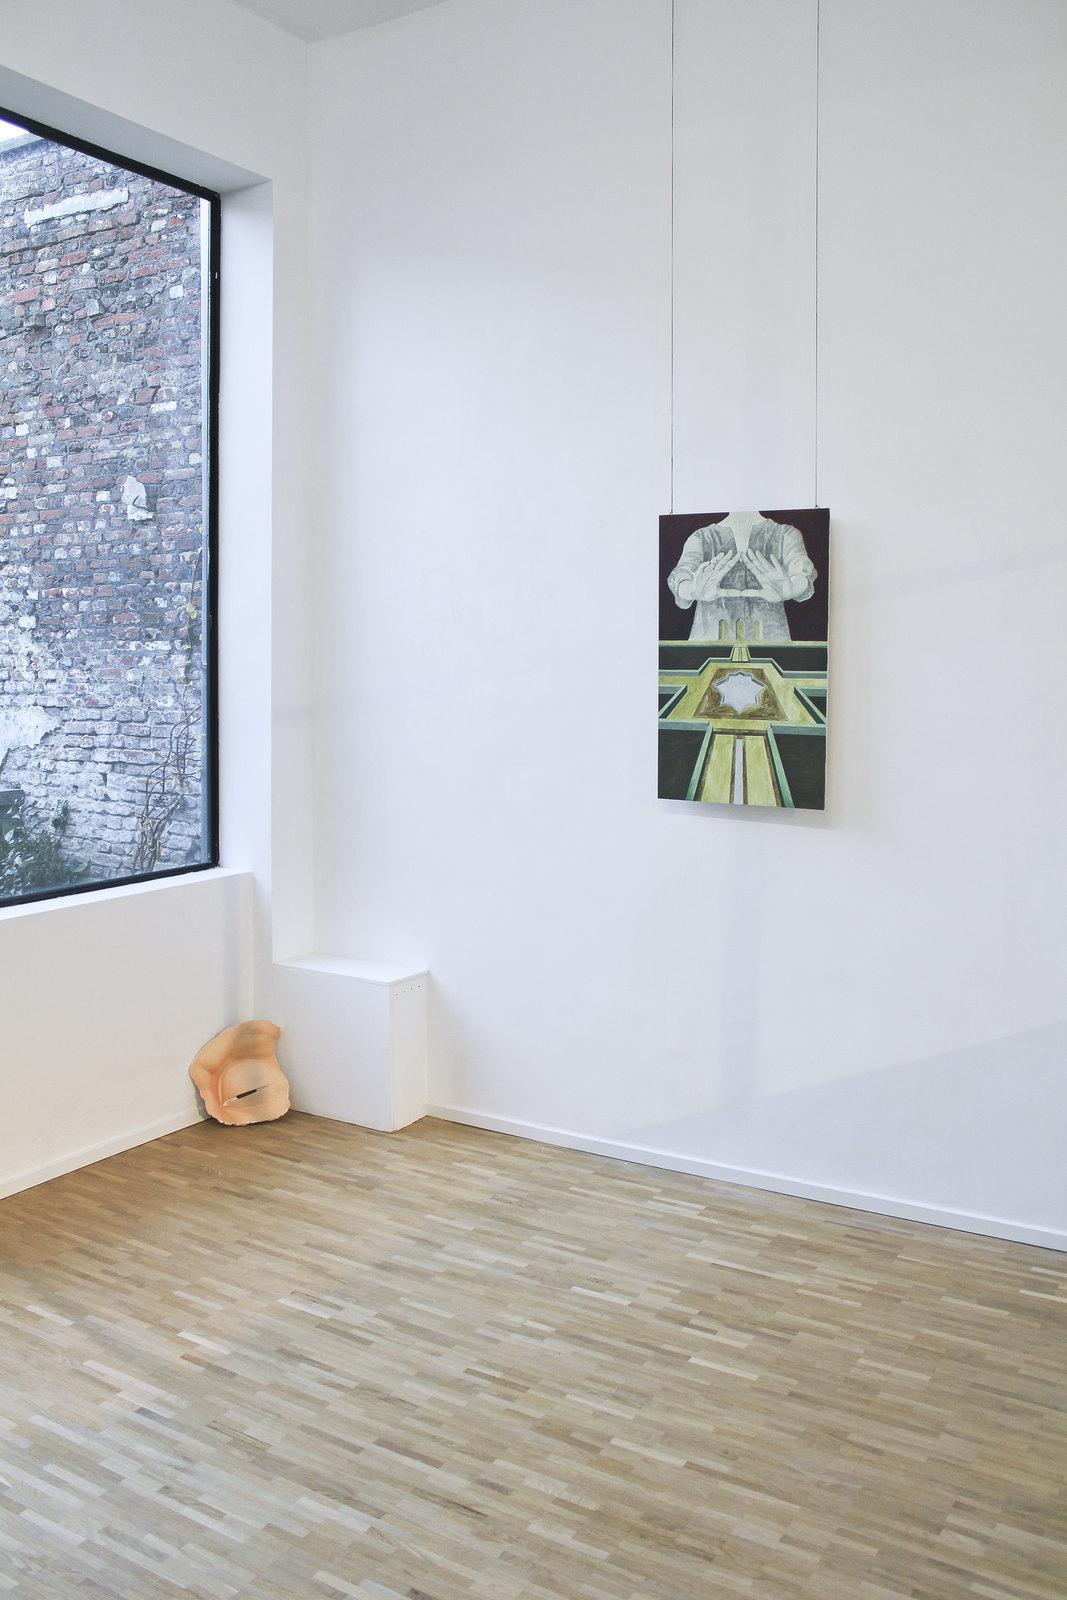 Federico Acal & Liesbeth Doms at DMW Art Space 24